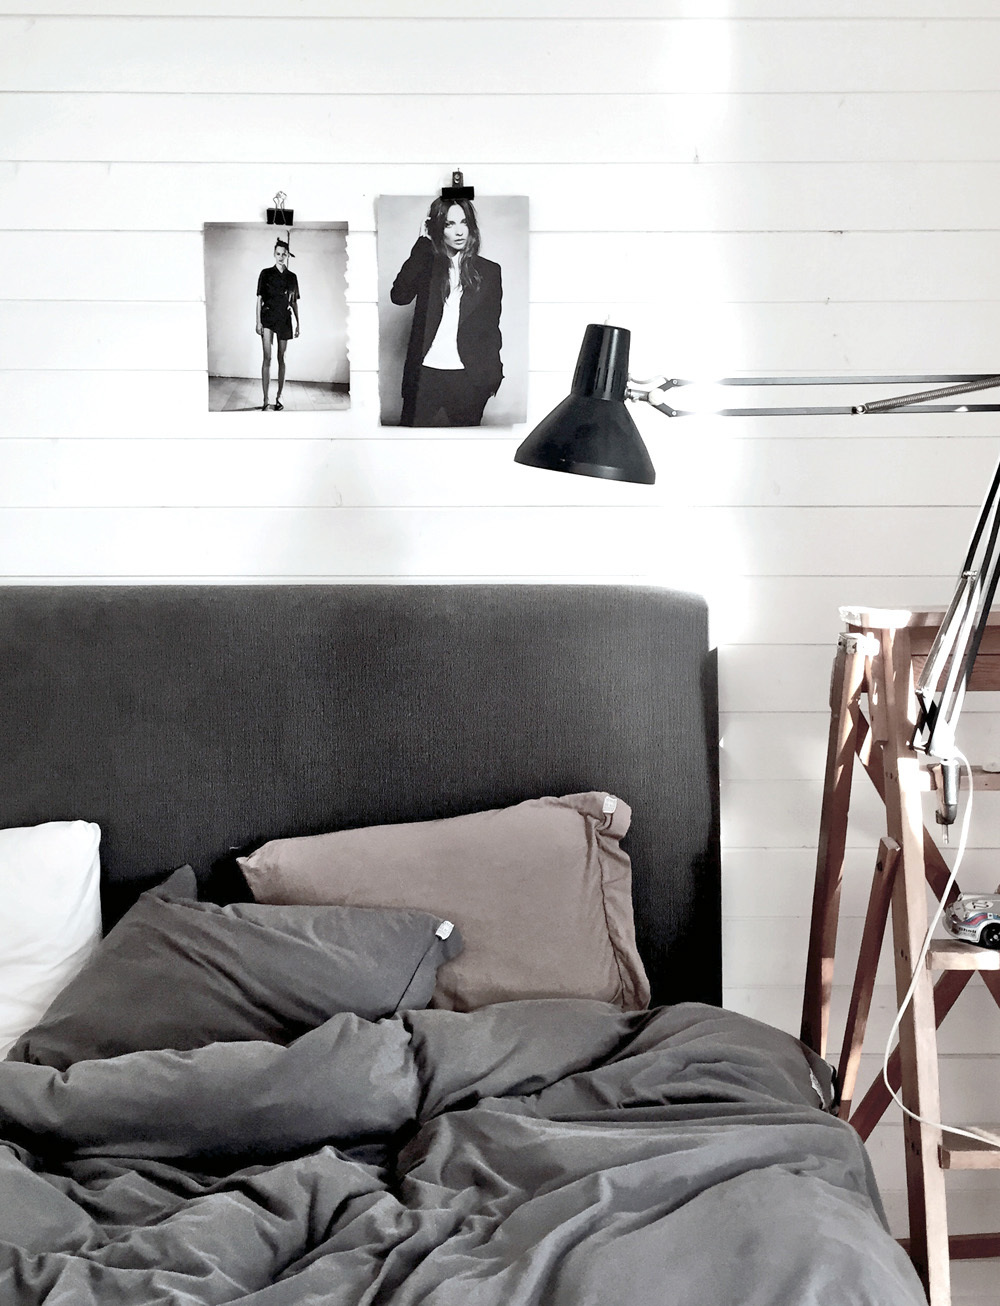 STIL_INSPIRATION_Bedroom_update_Details